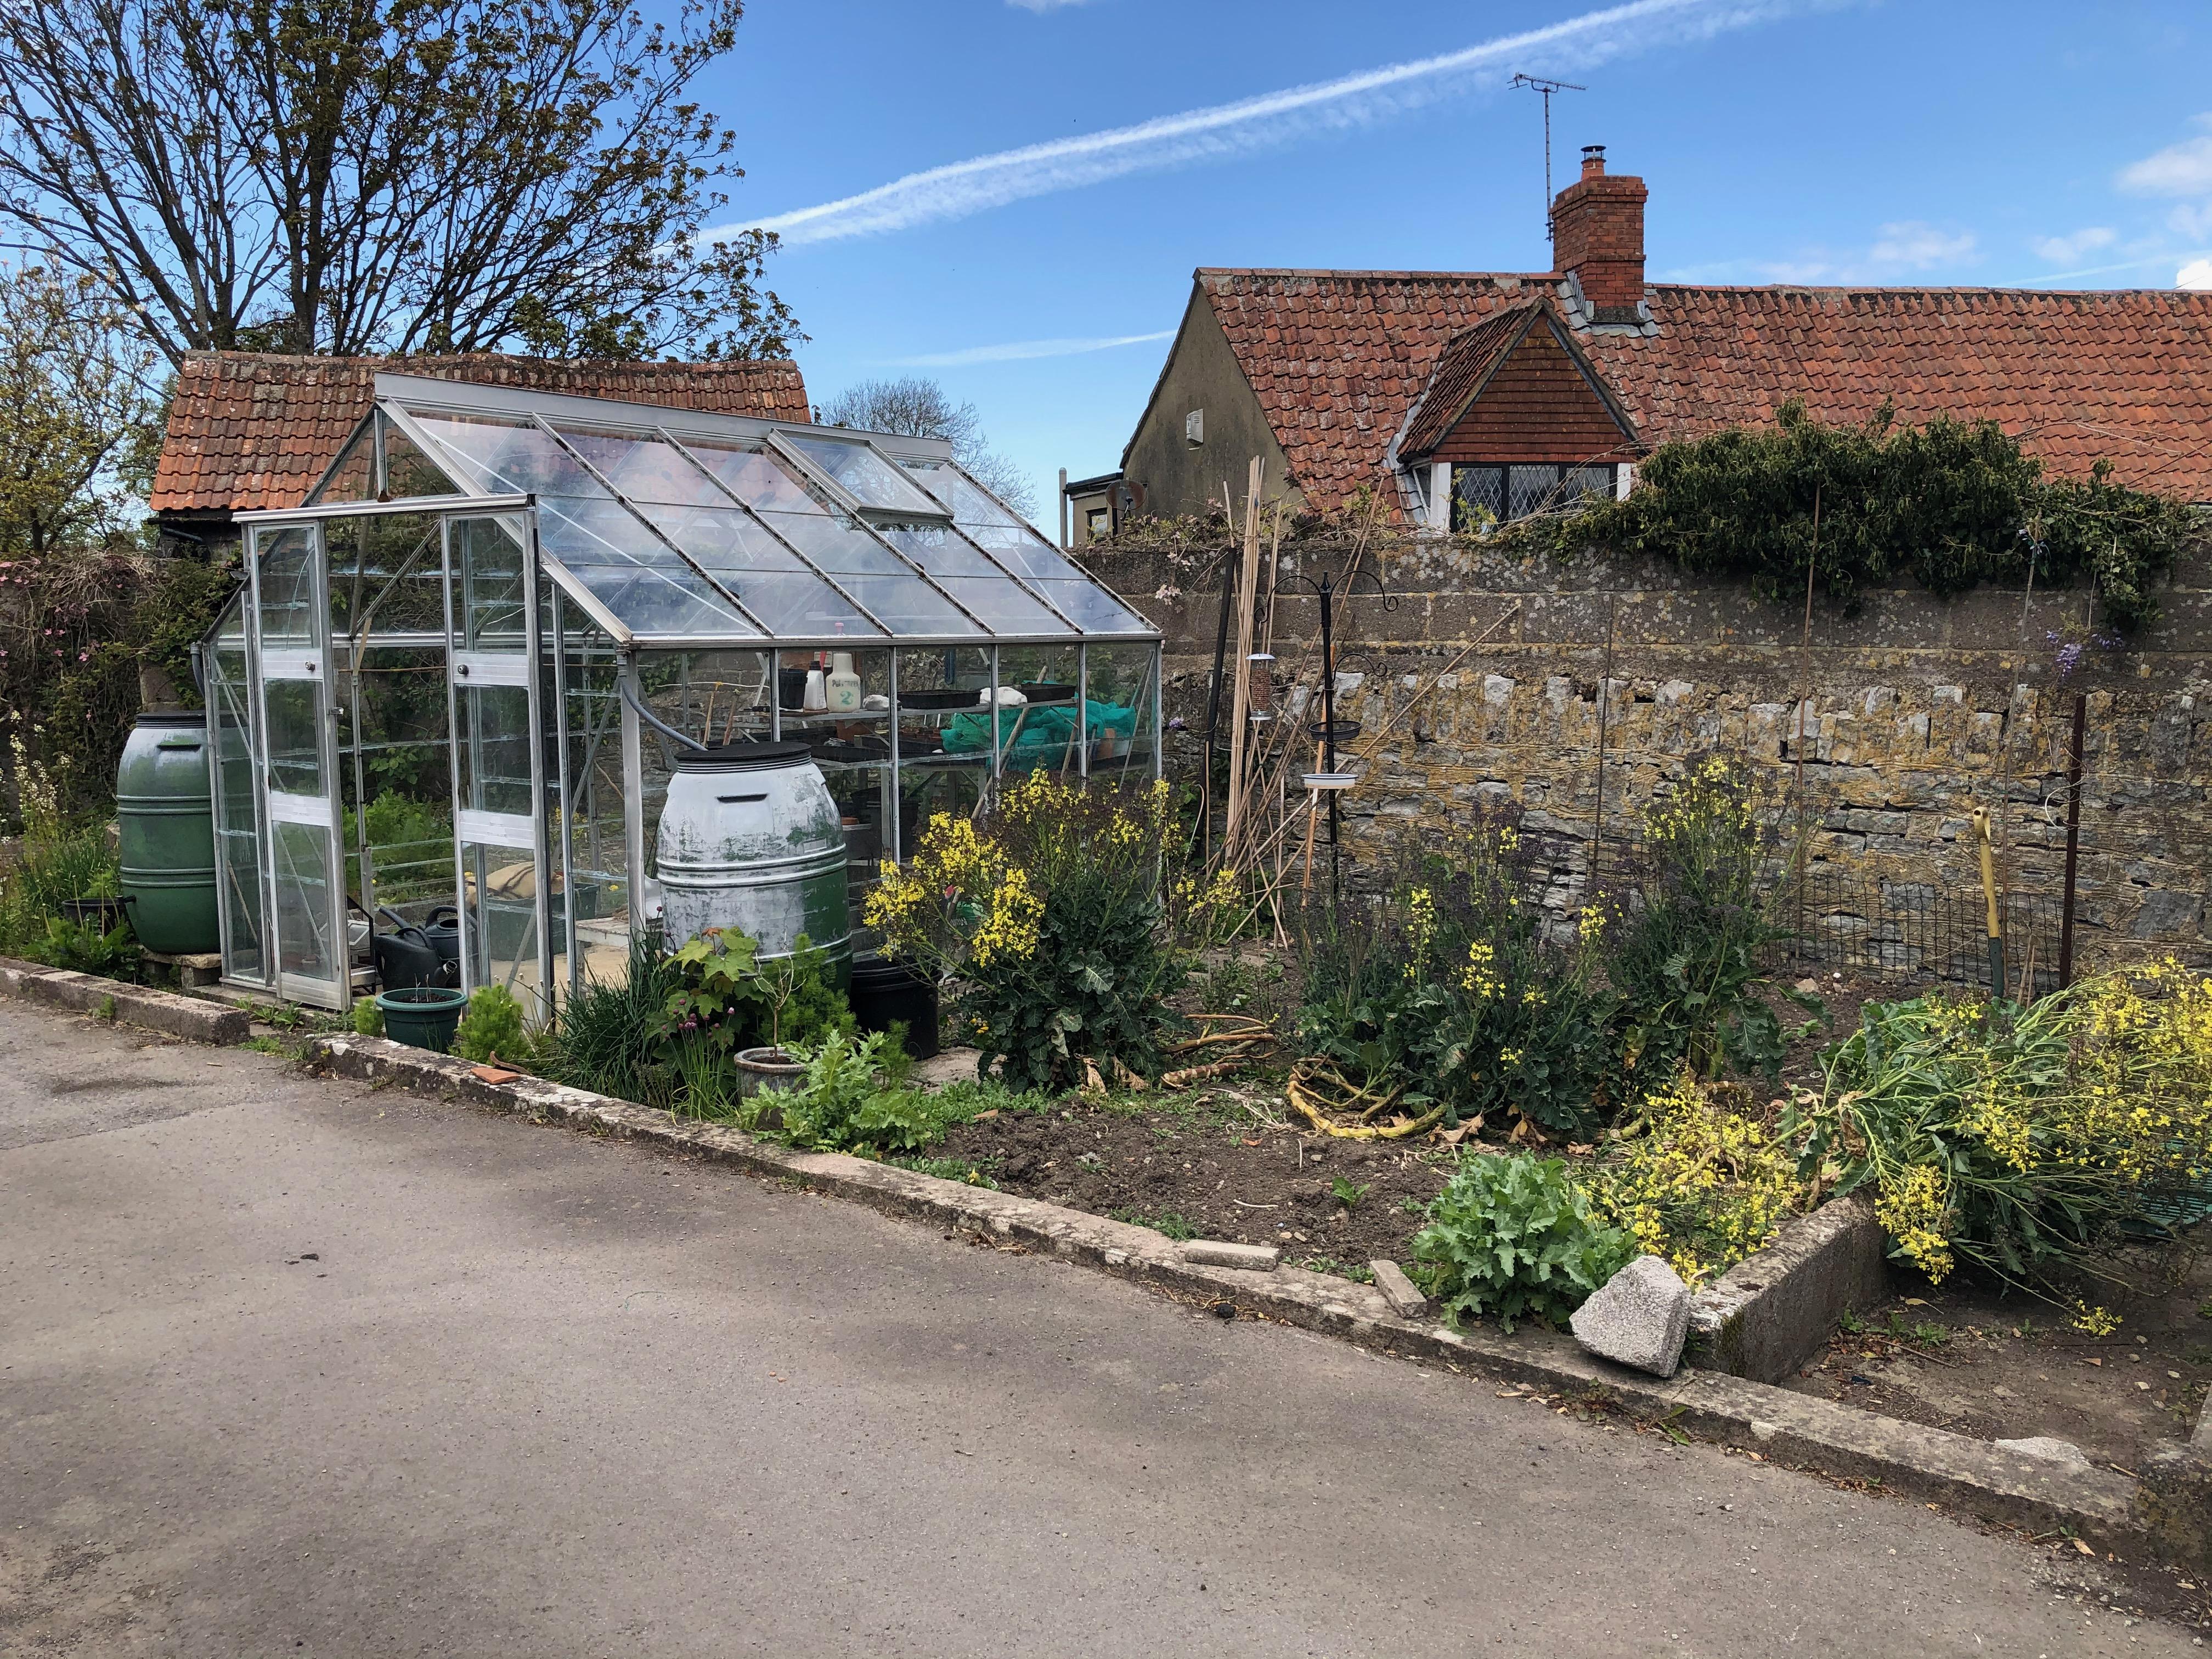 Annexe Garden area